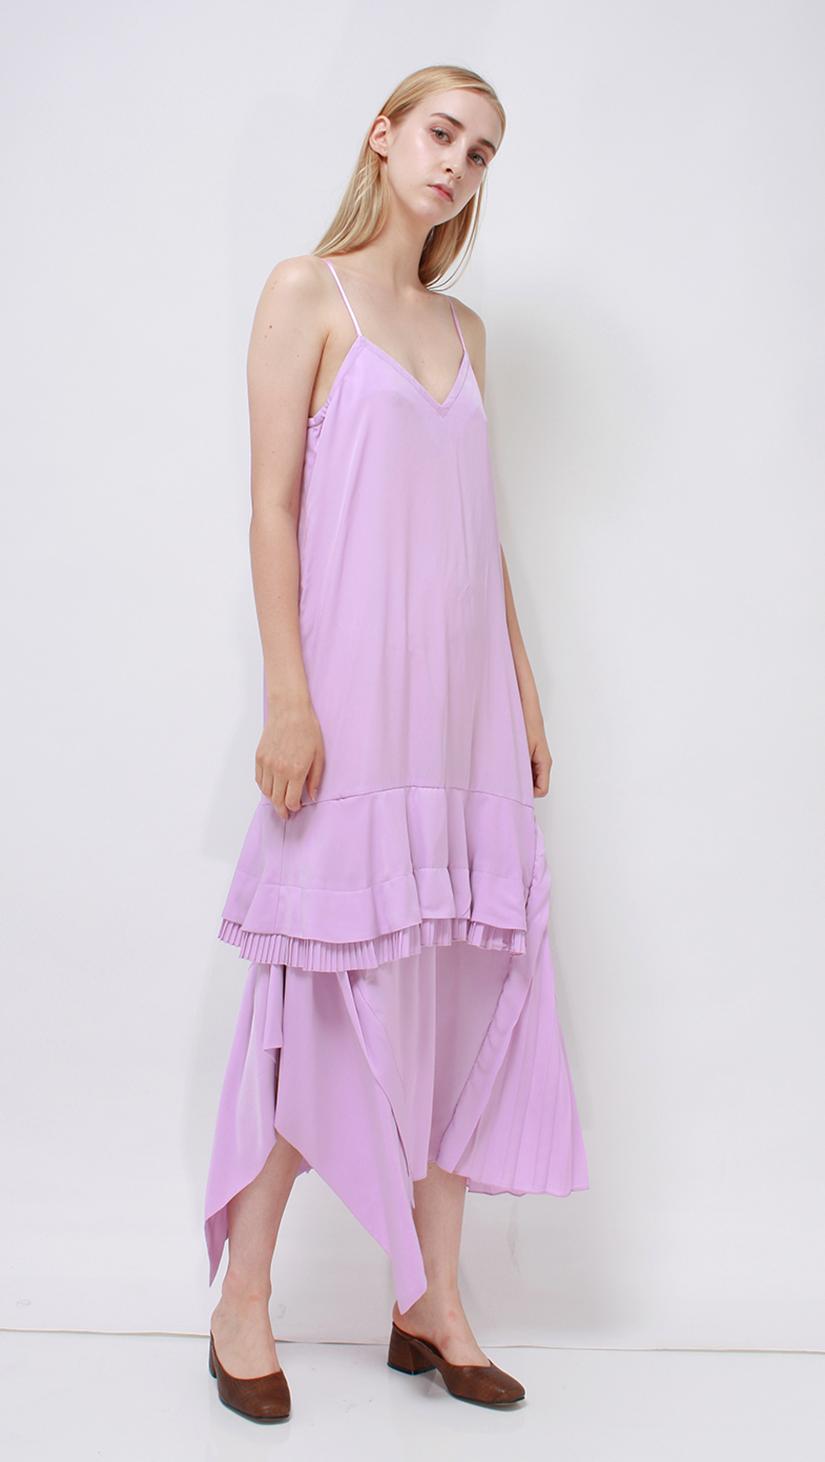 lesha_dress_3.png